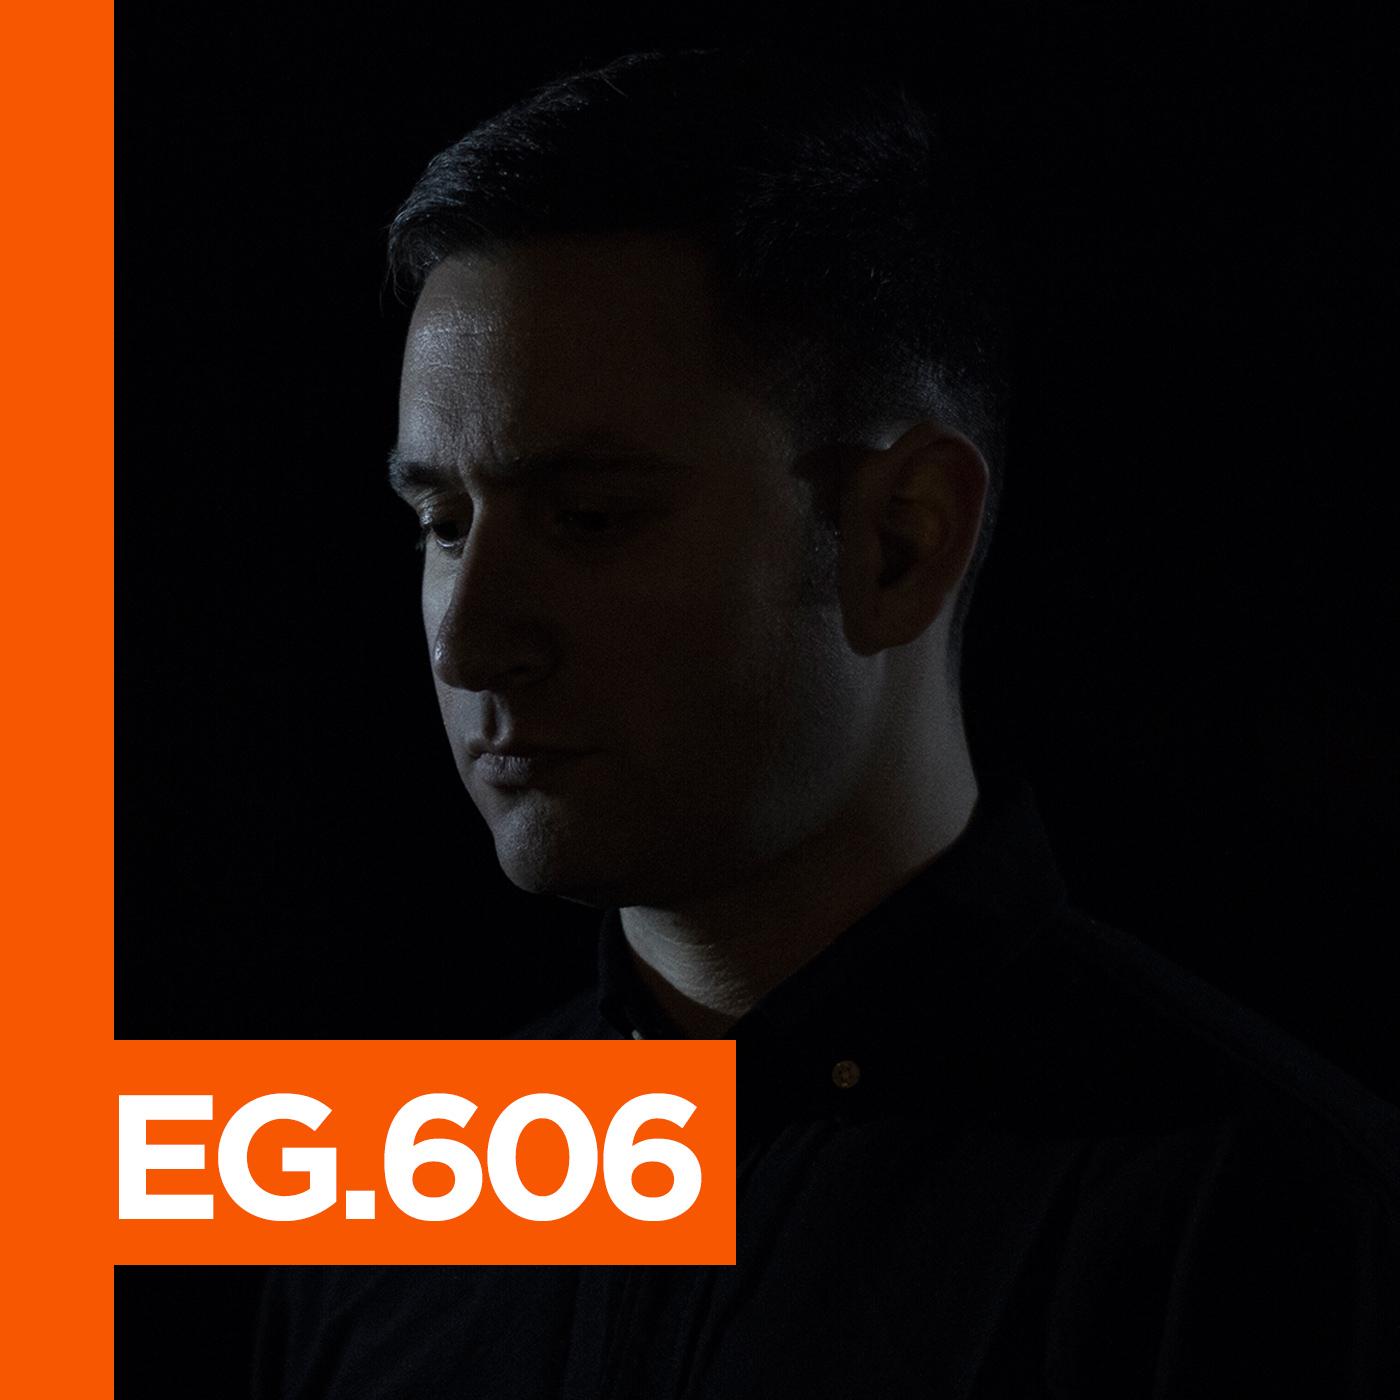 EG.606 Eekkoo